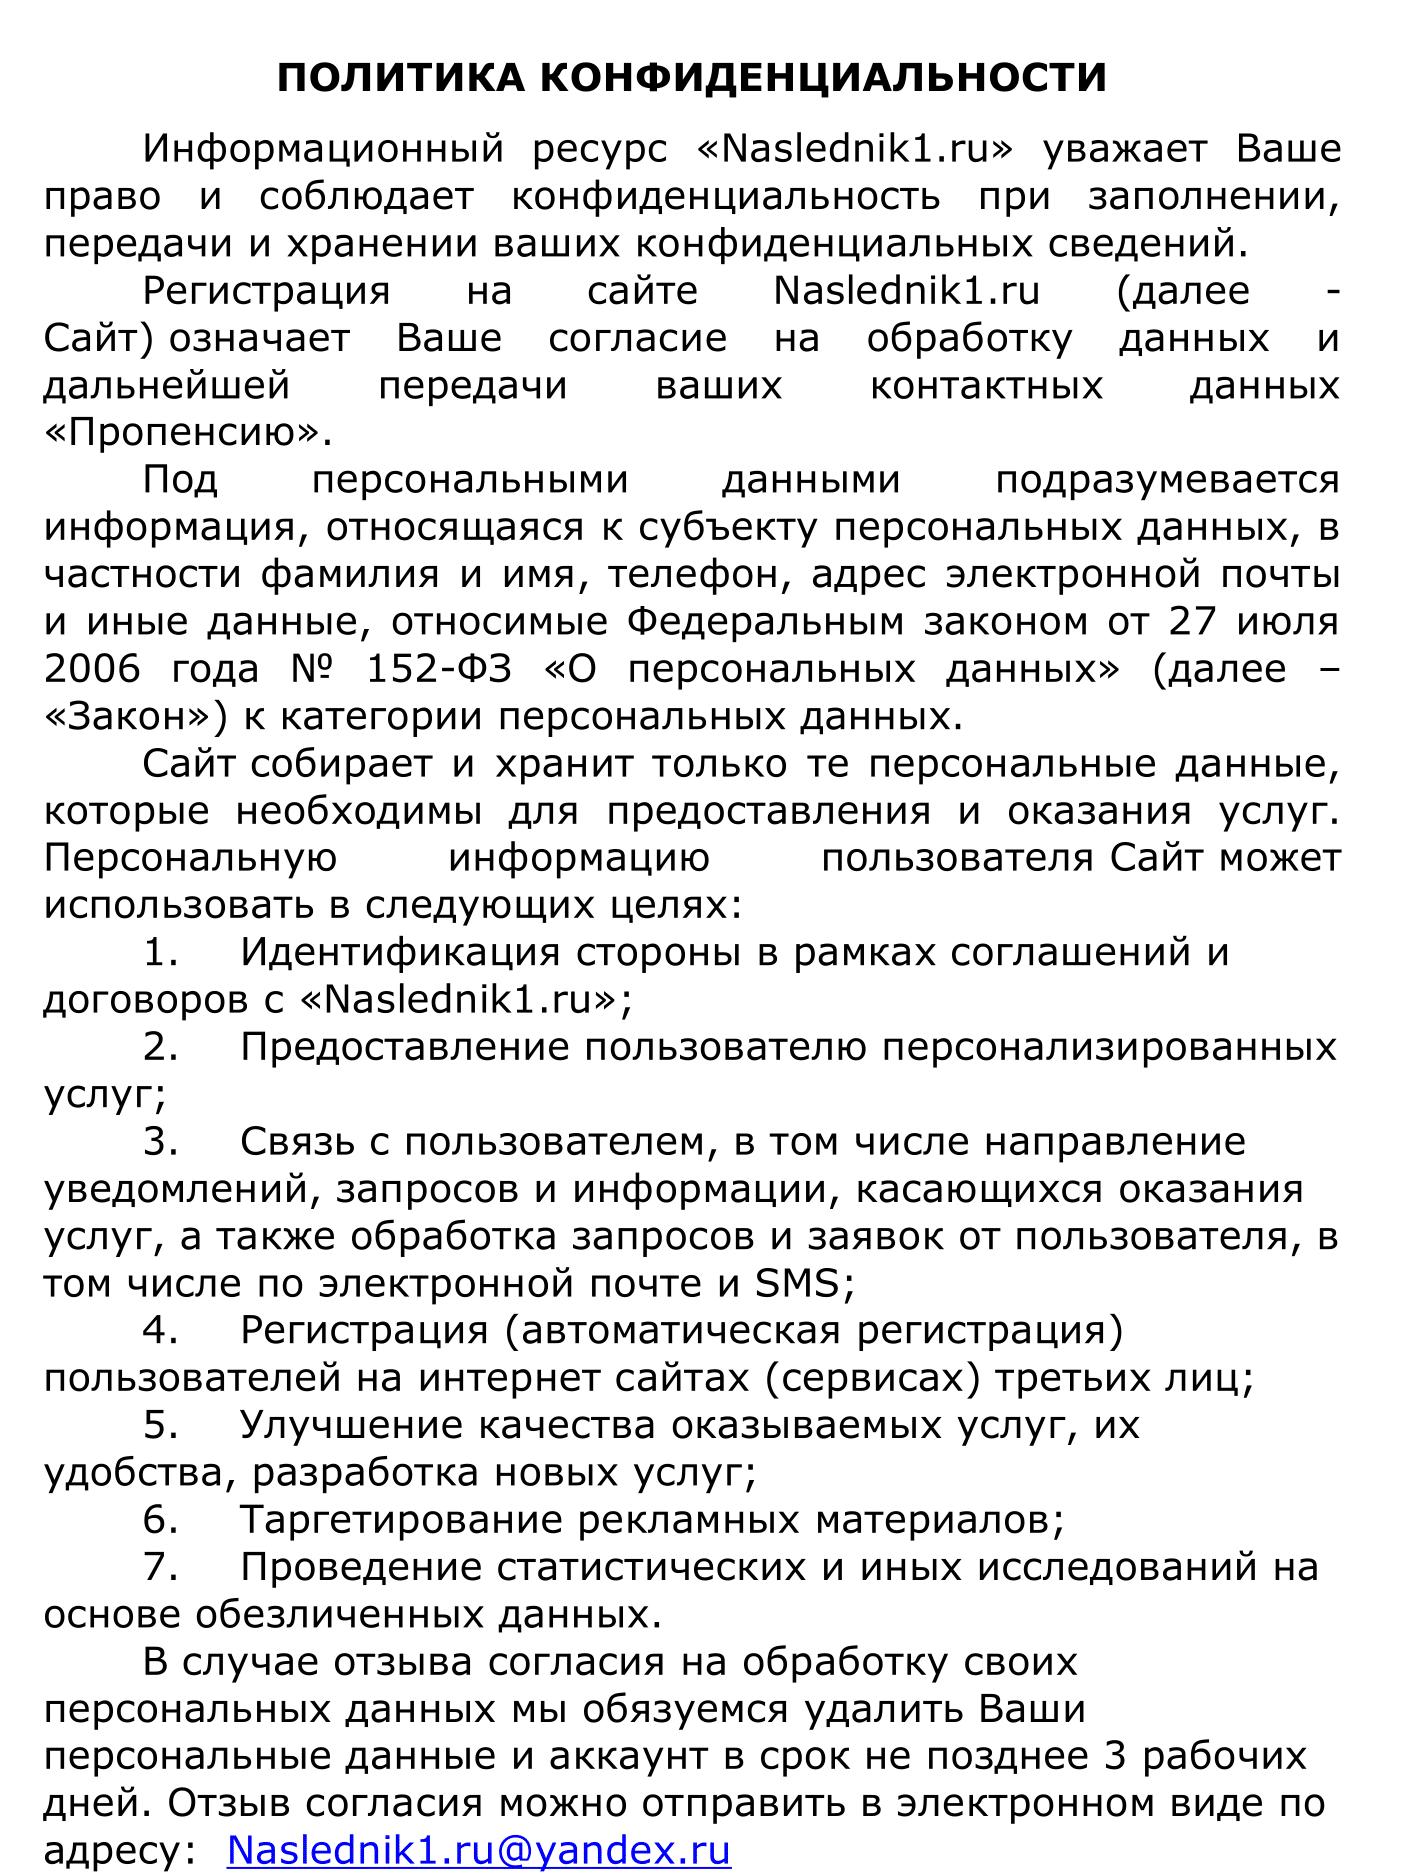 Политика конфиденциальности Naslednik1.ru